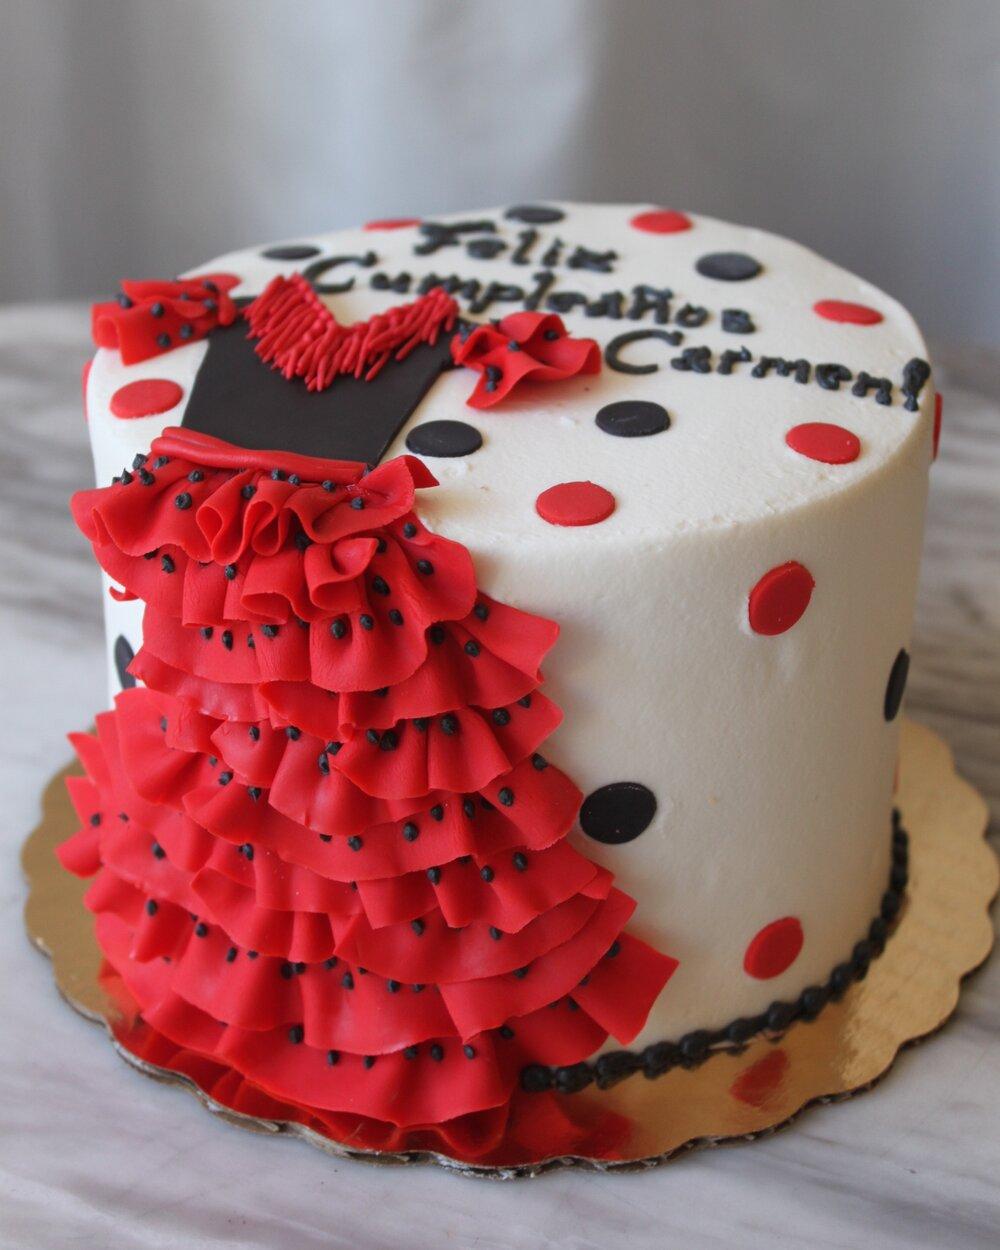 Red Ruffled Dress Cake